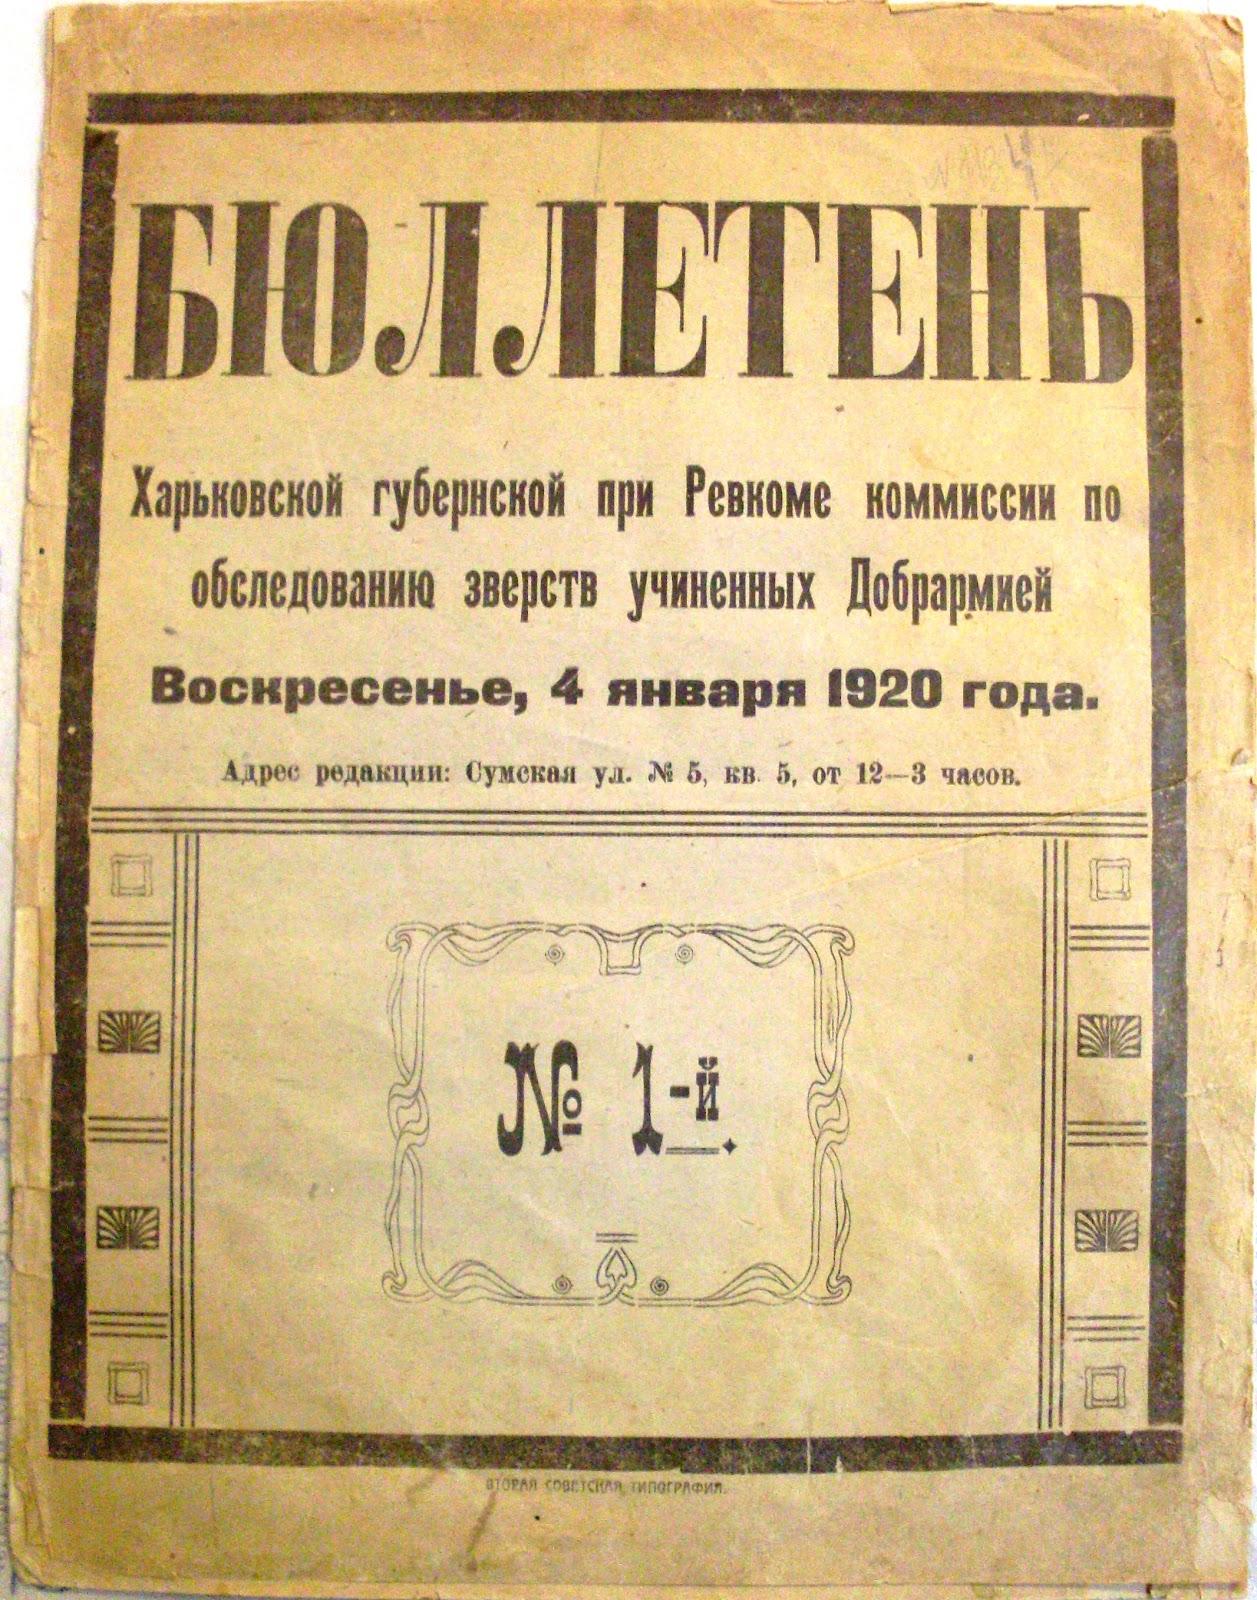 Чотири числа цього унікального видання - безцінне знаряддя у боротьбі з міфотворчістю